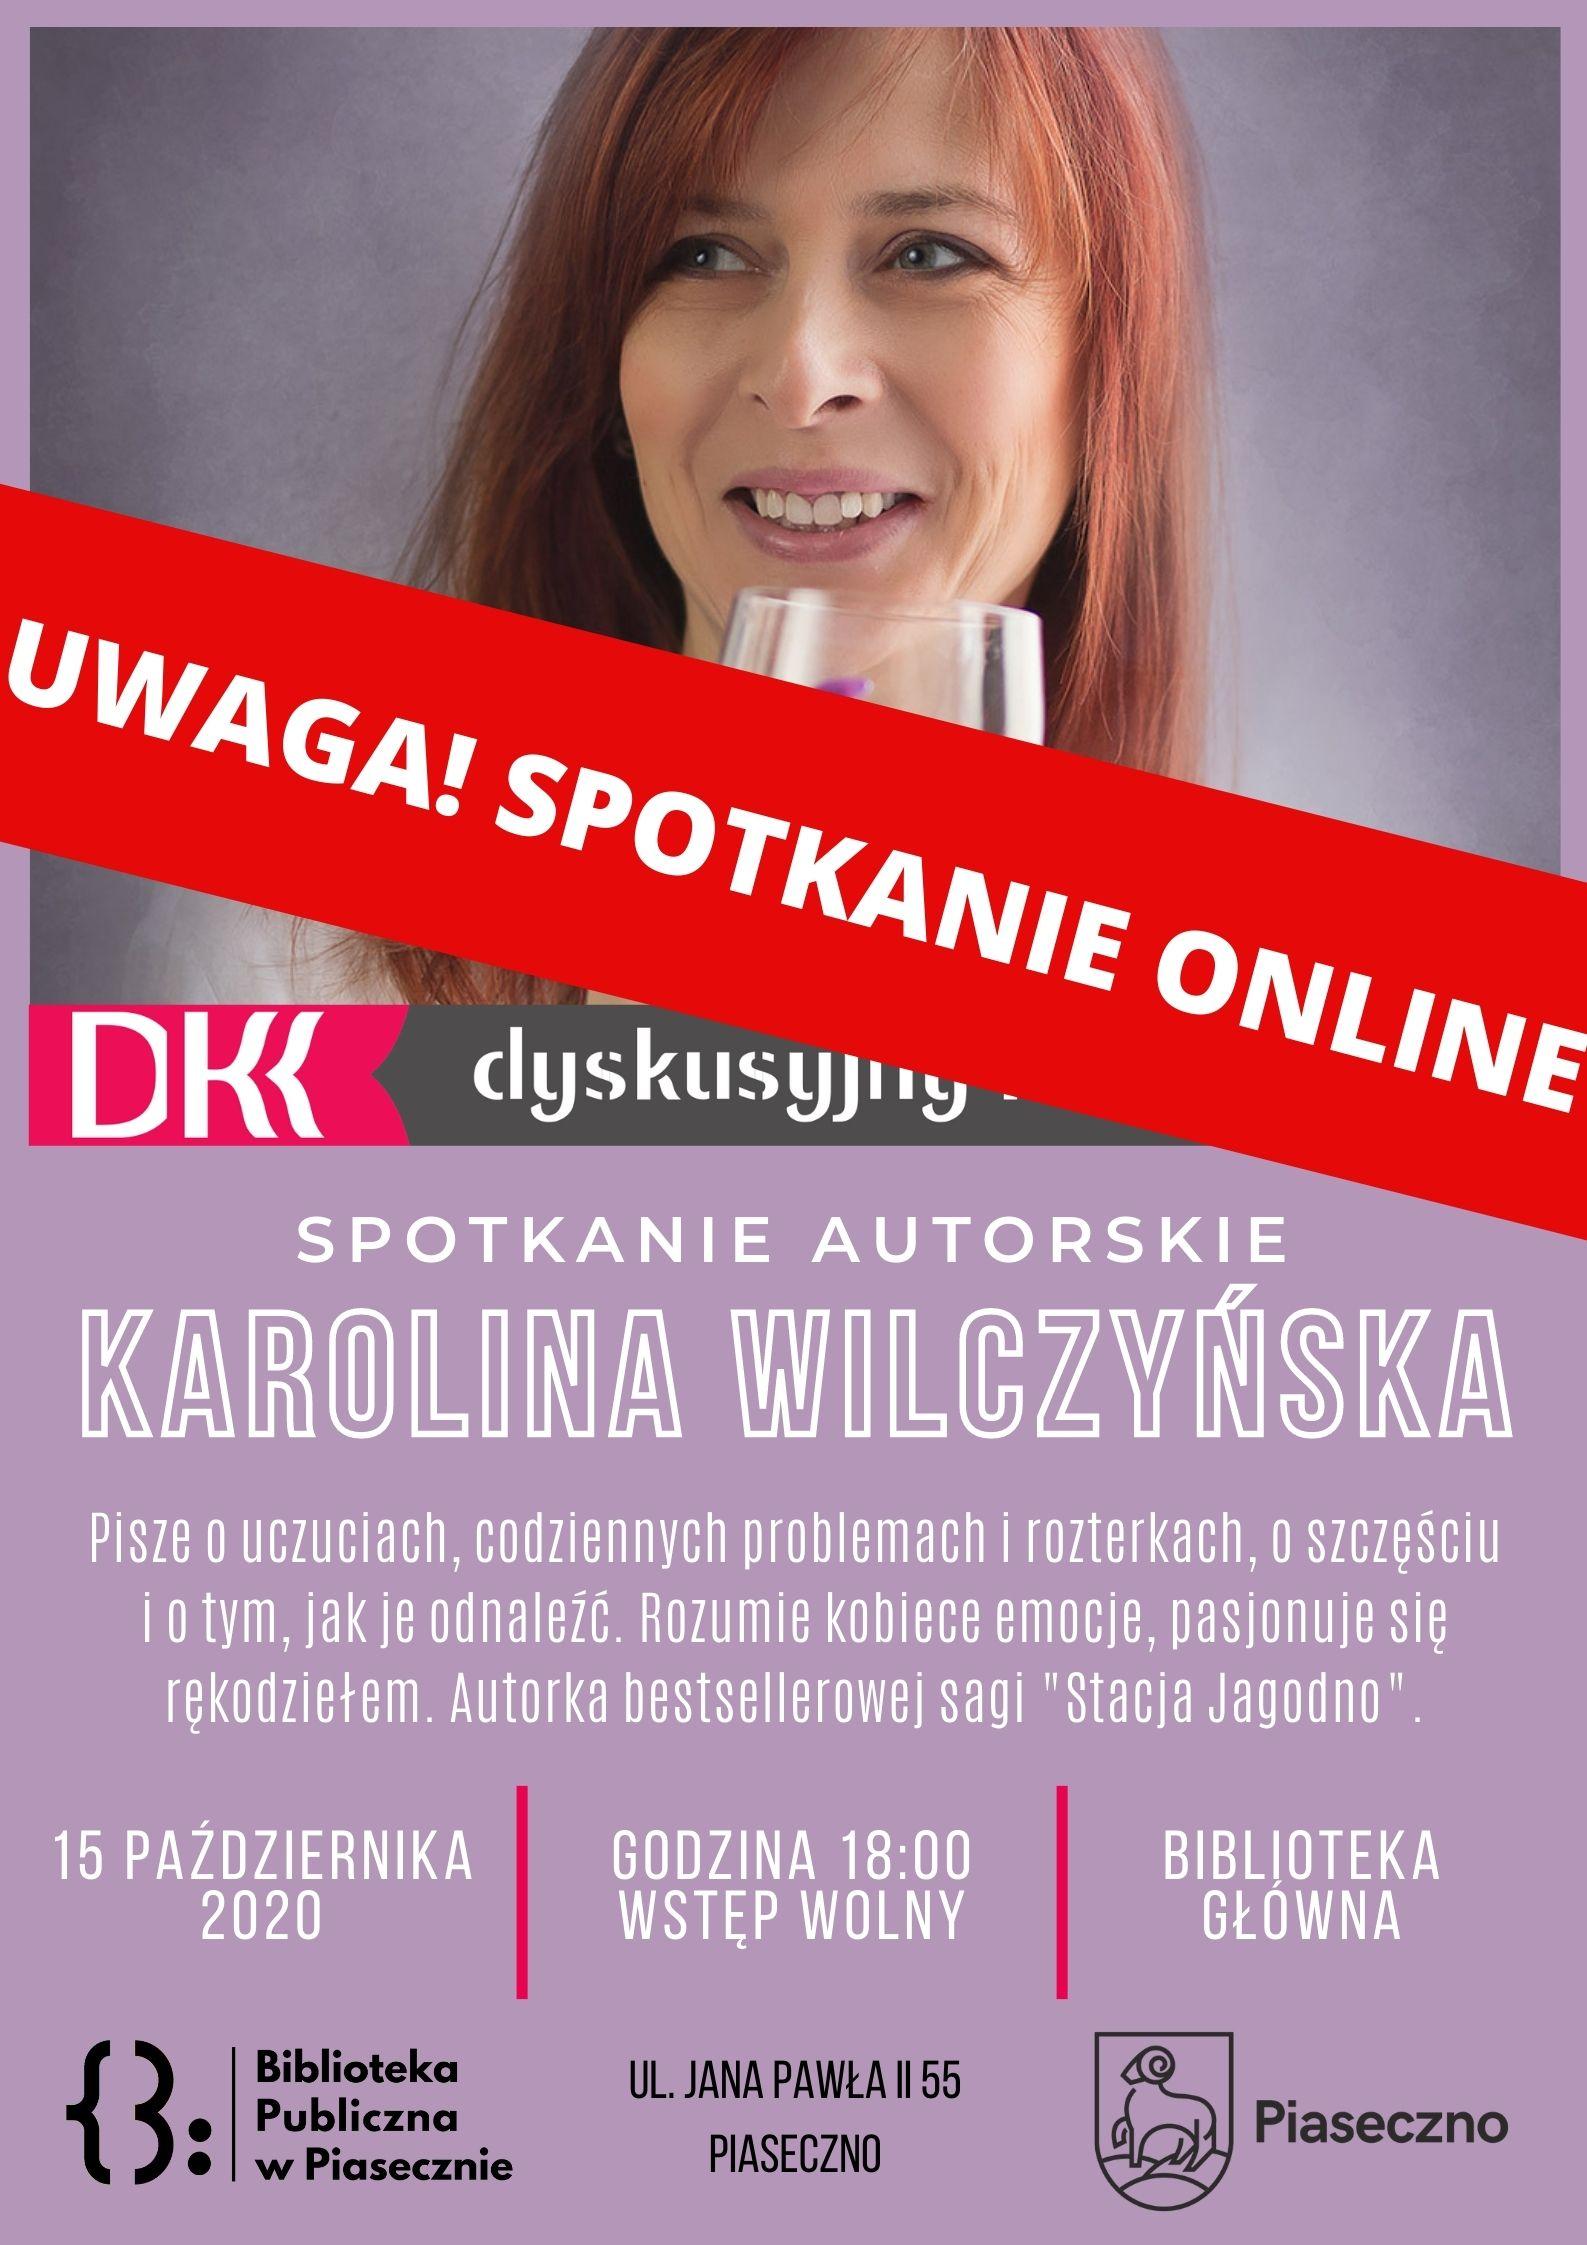 Plakat - spotkanie z Karoliną Wilczyńską w formie online